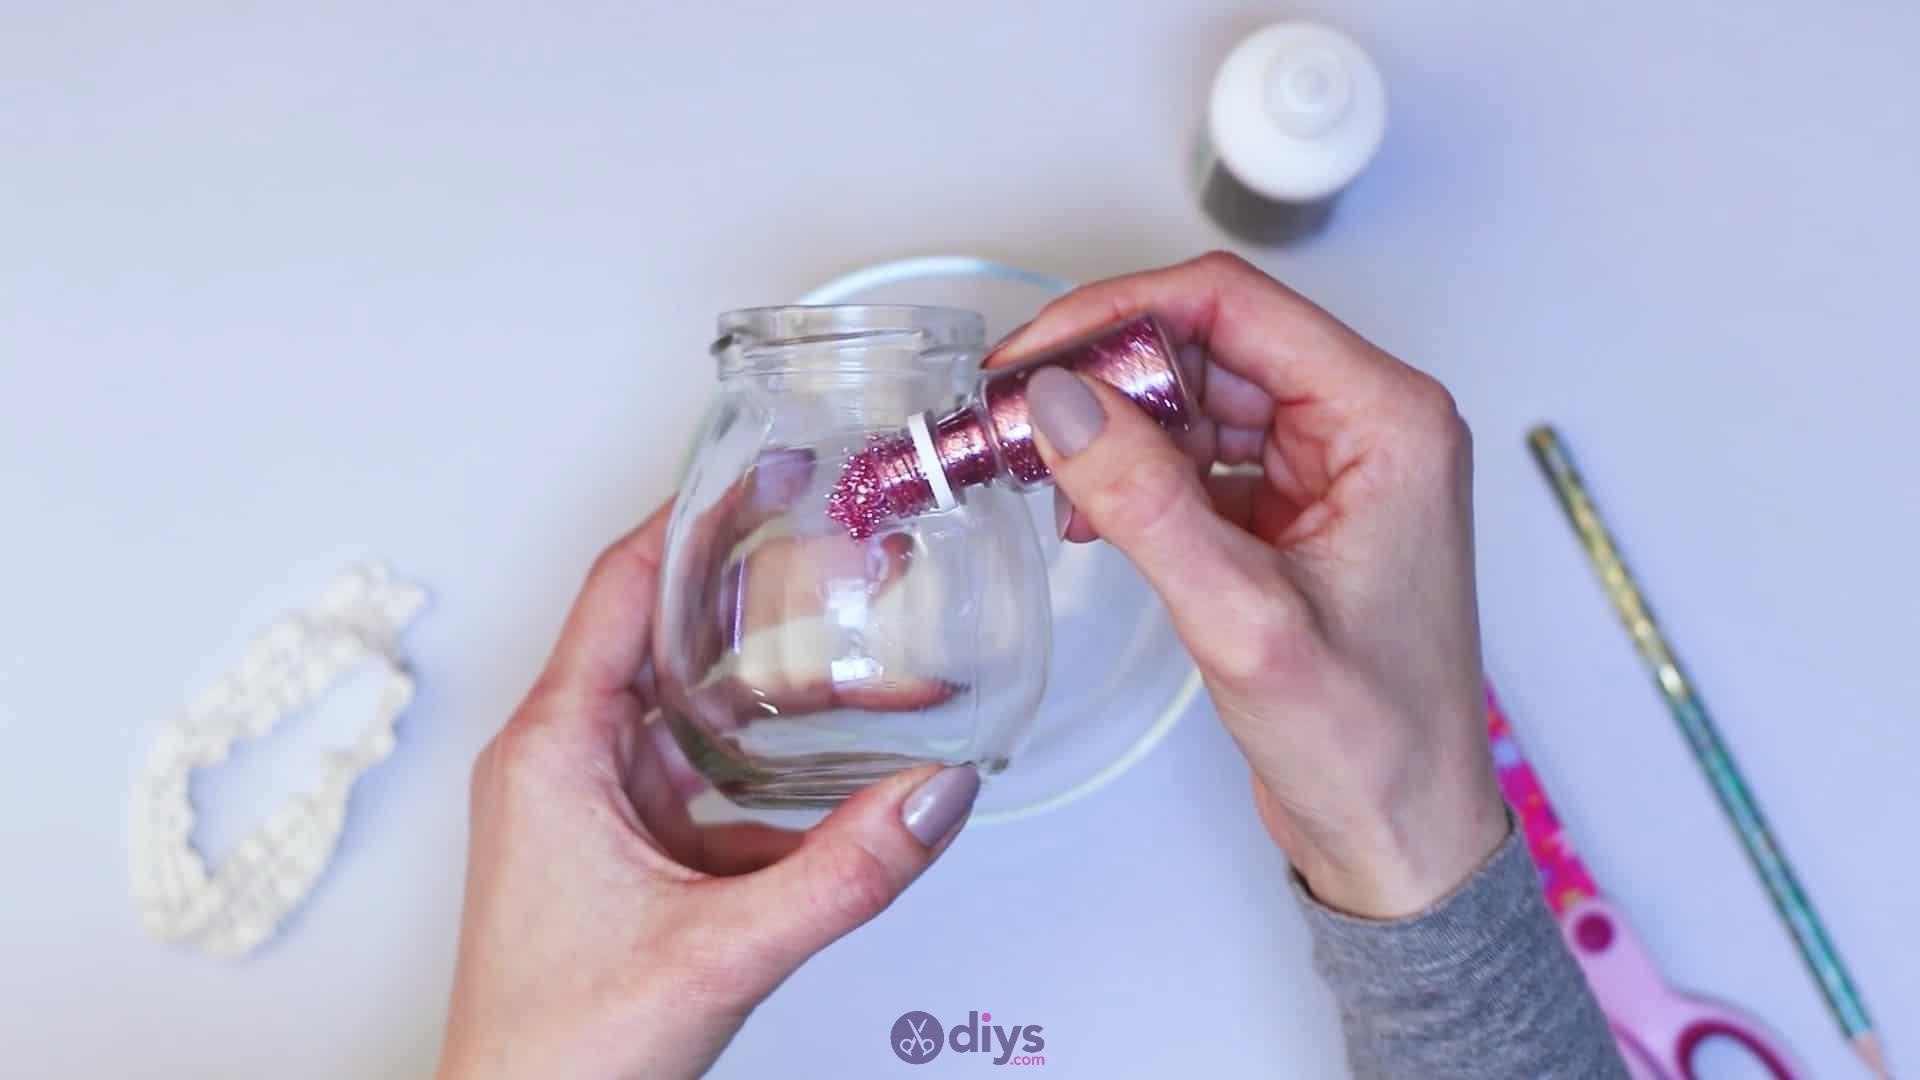 Diy flower glitter vase from glass jars step 5